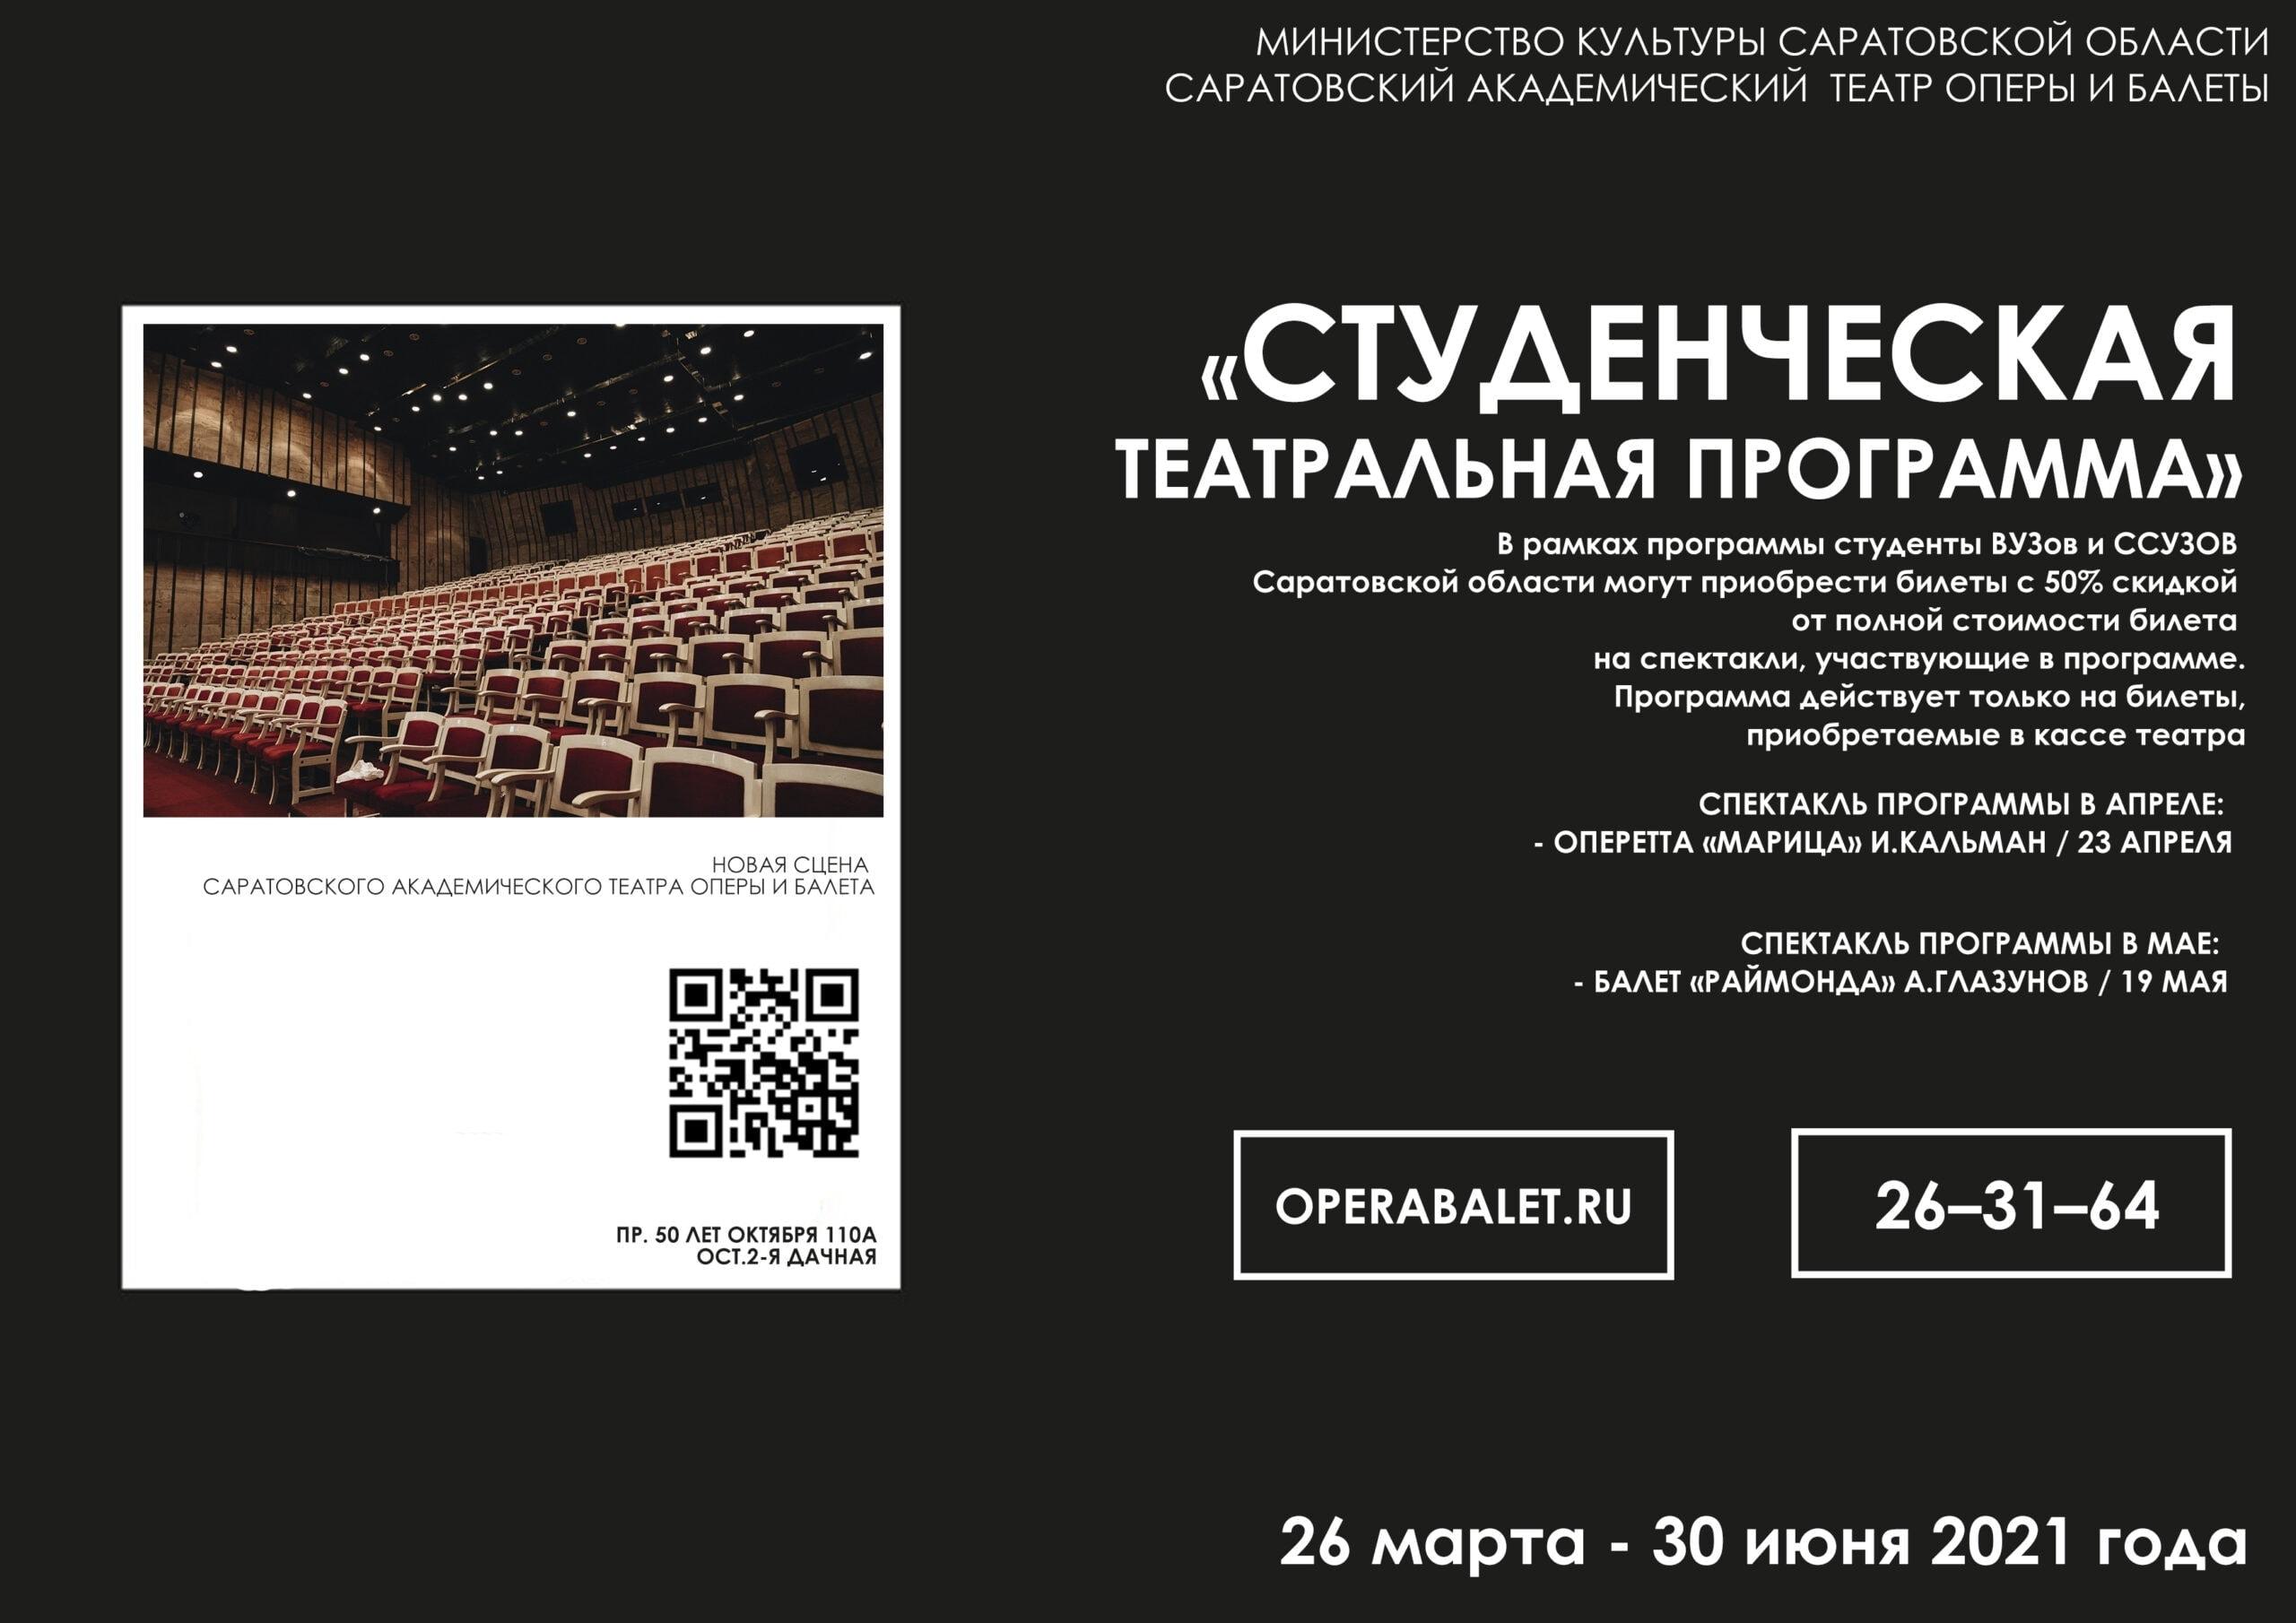 Саратовский театр оперы и балета запускает «Студенческую театральную программу»